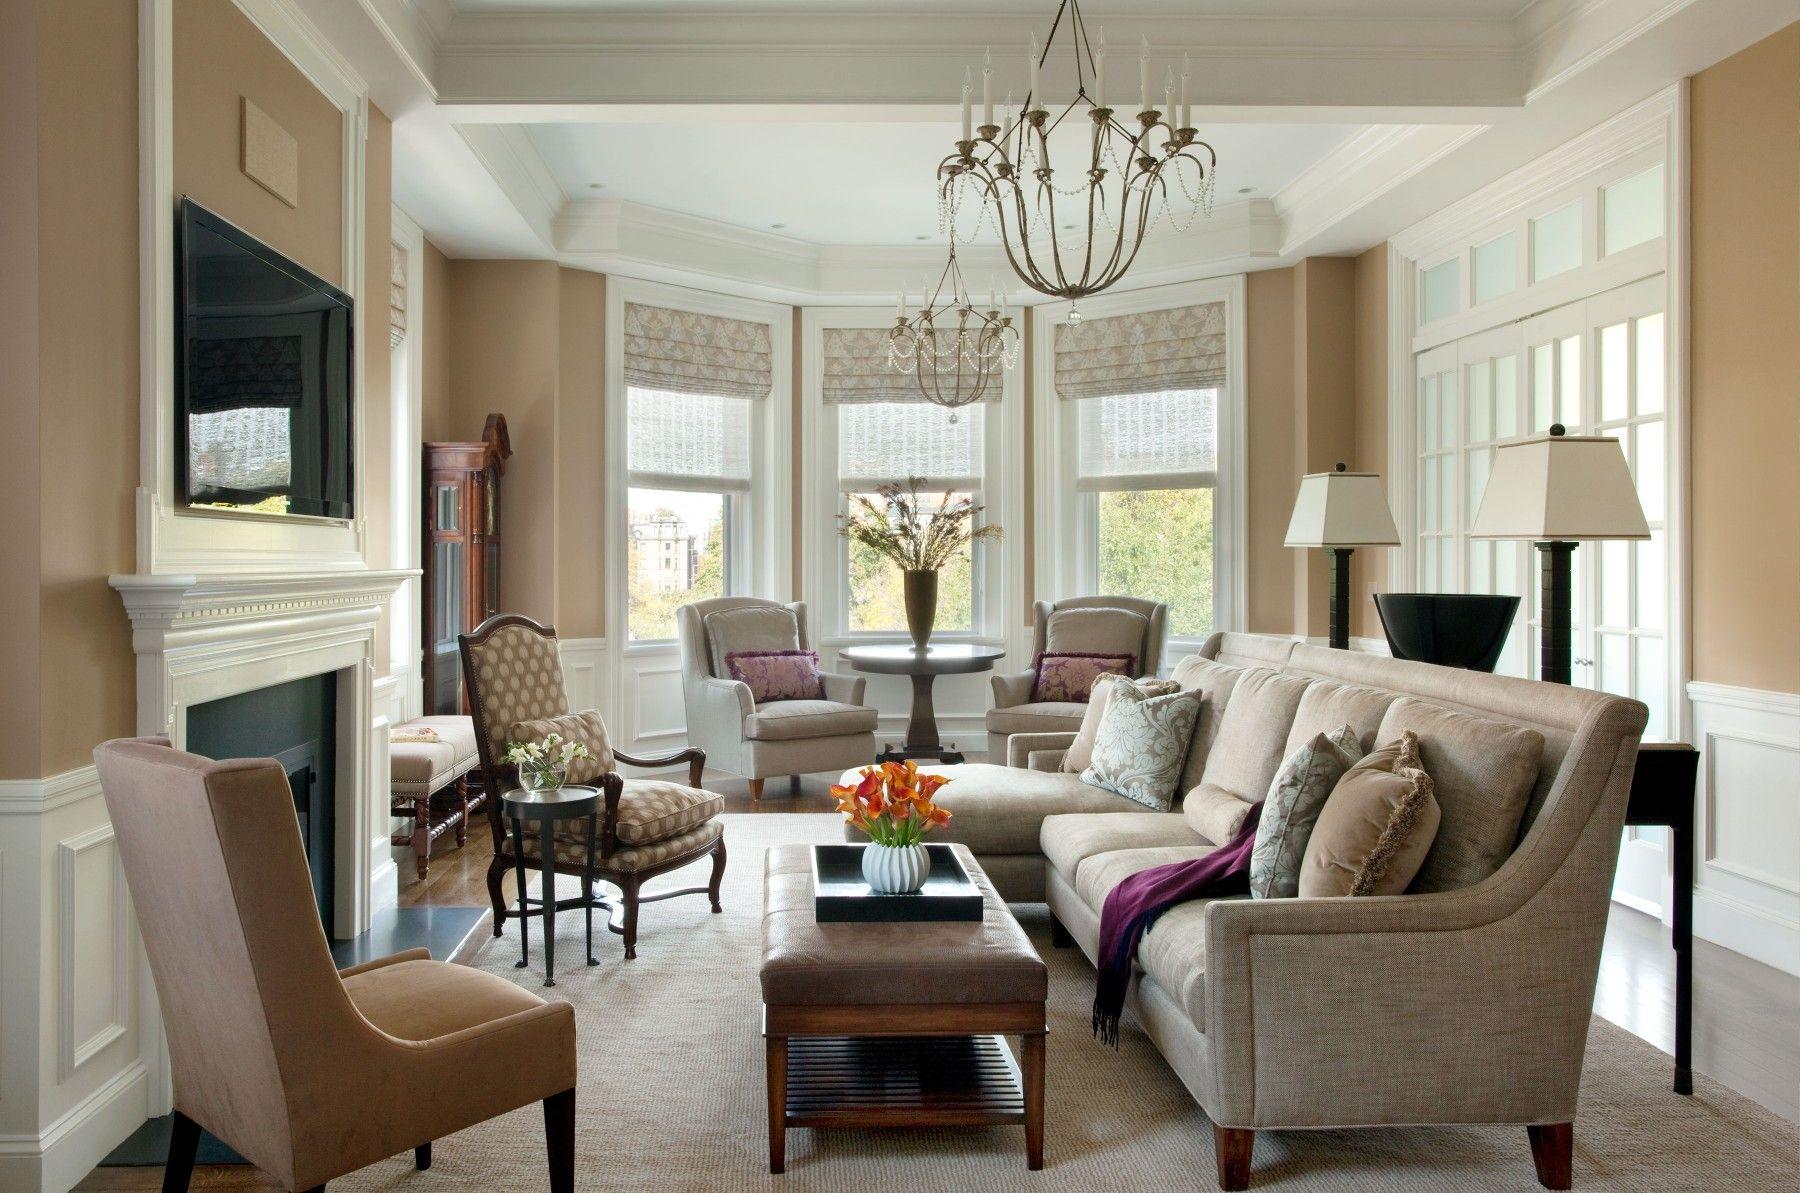 Interior Decorating, Interior Design Firm | Boston, MA North Shore, MA